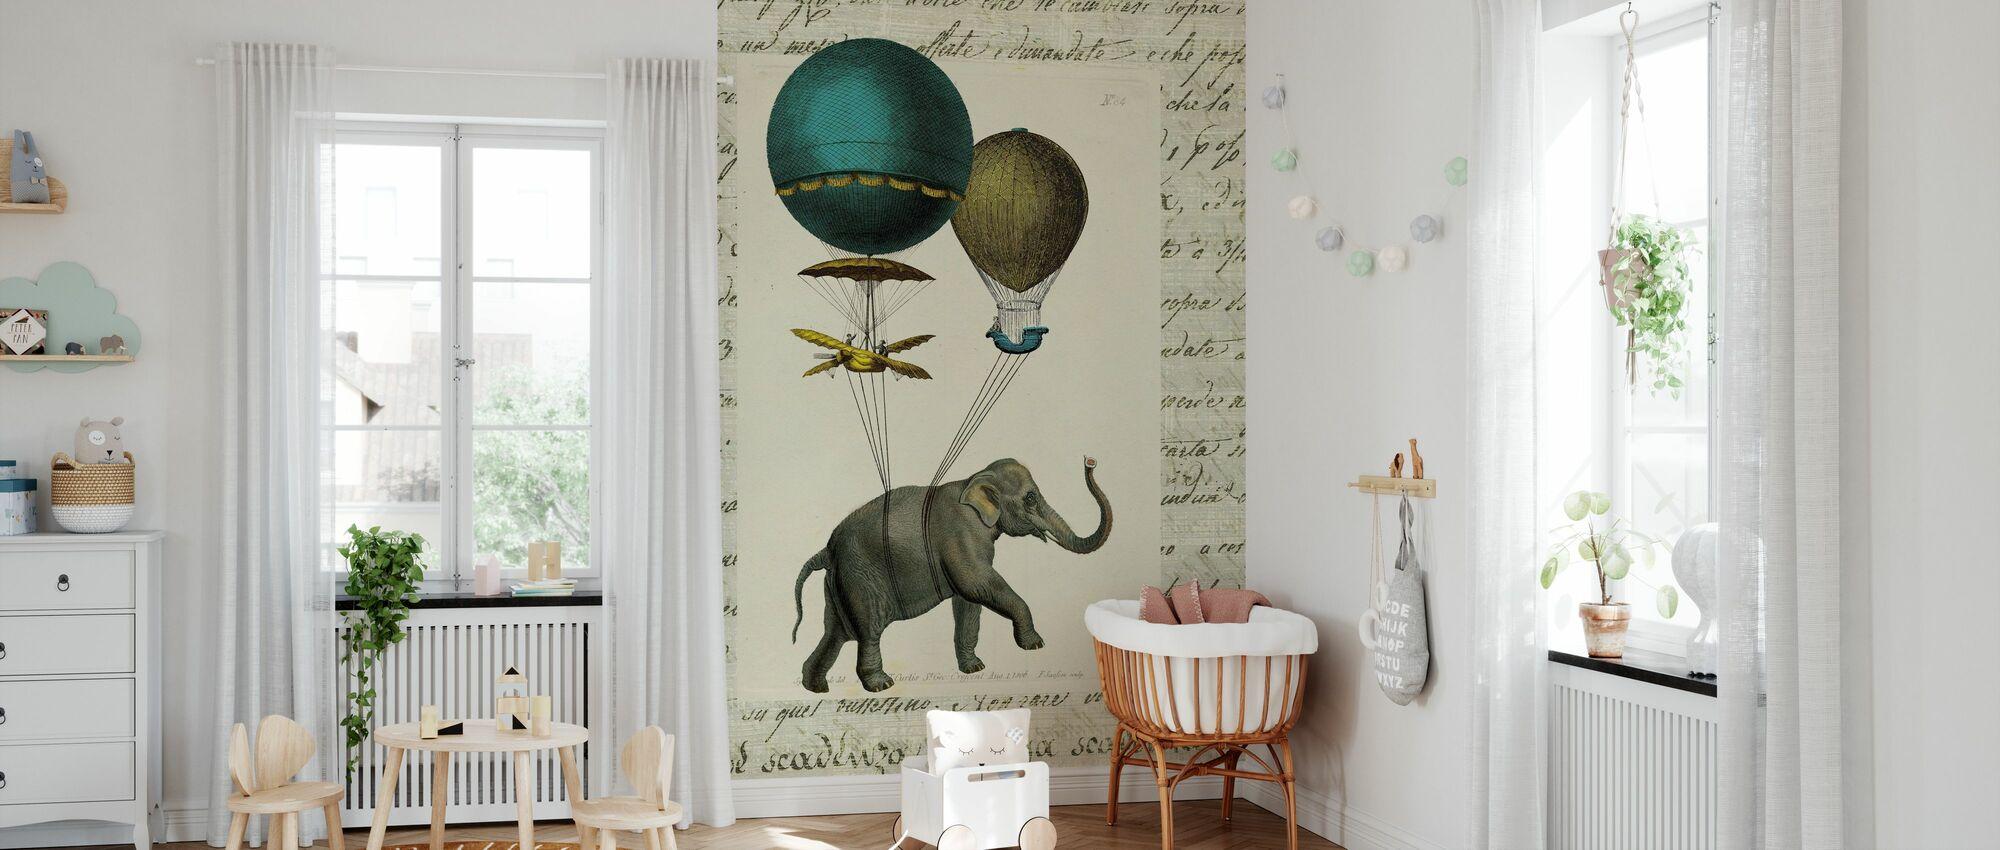 Elephant Ride 2 - Wallpaper - Nursery